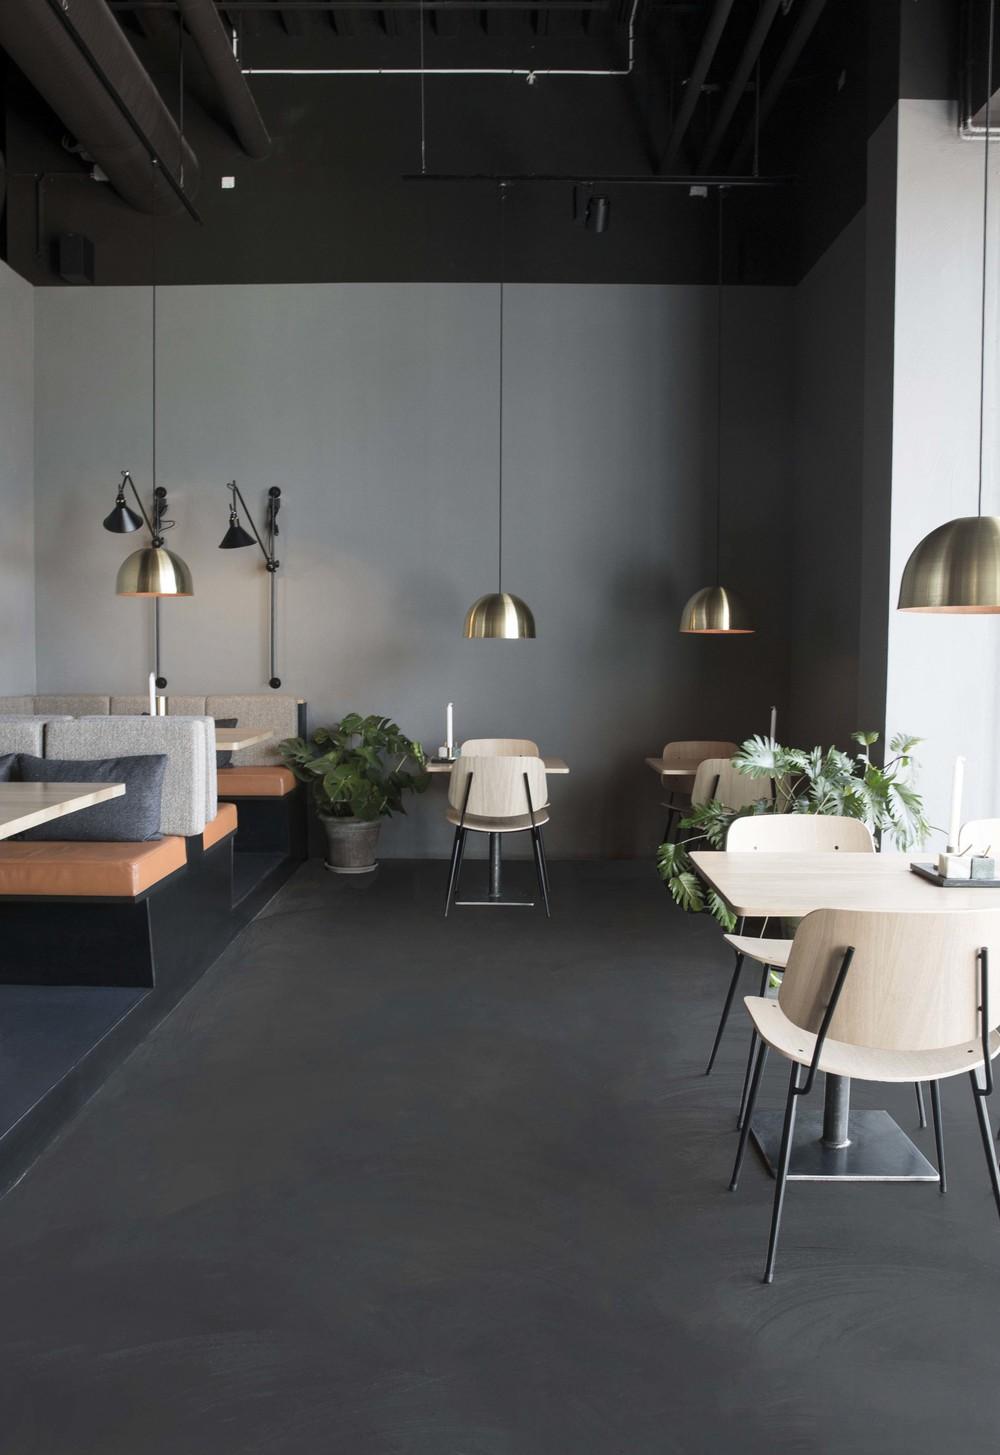 Restaurant design by Johannes Torpe studios for Palæo restaurants in Denmark